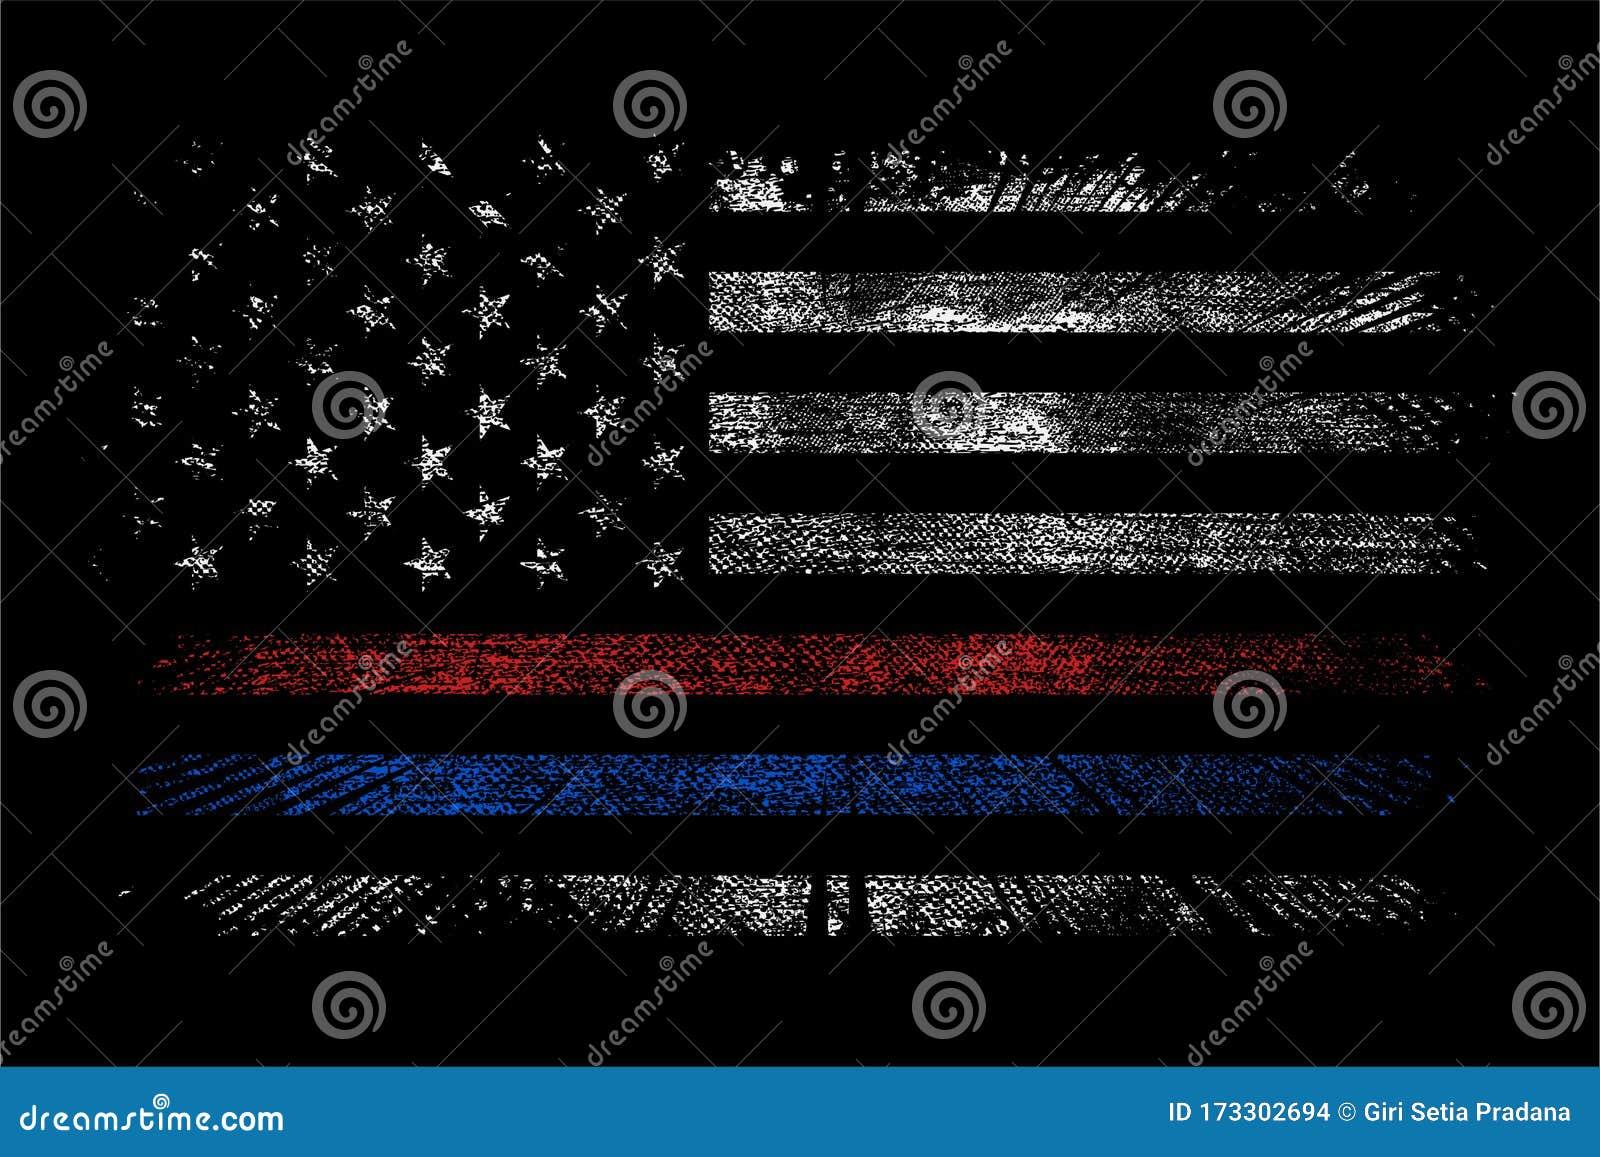 带烟火壁纸 背景股票矢量图的格朗基美国警察向量例证 插画包括有背景股票矢量图的格朗基美国警察 带烟火壁纸